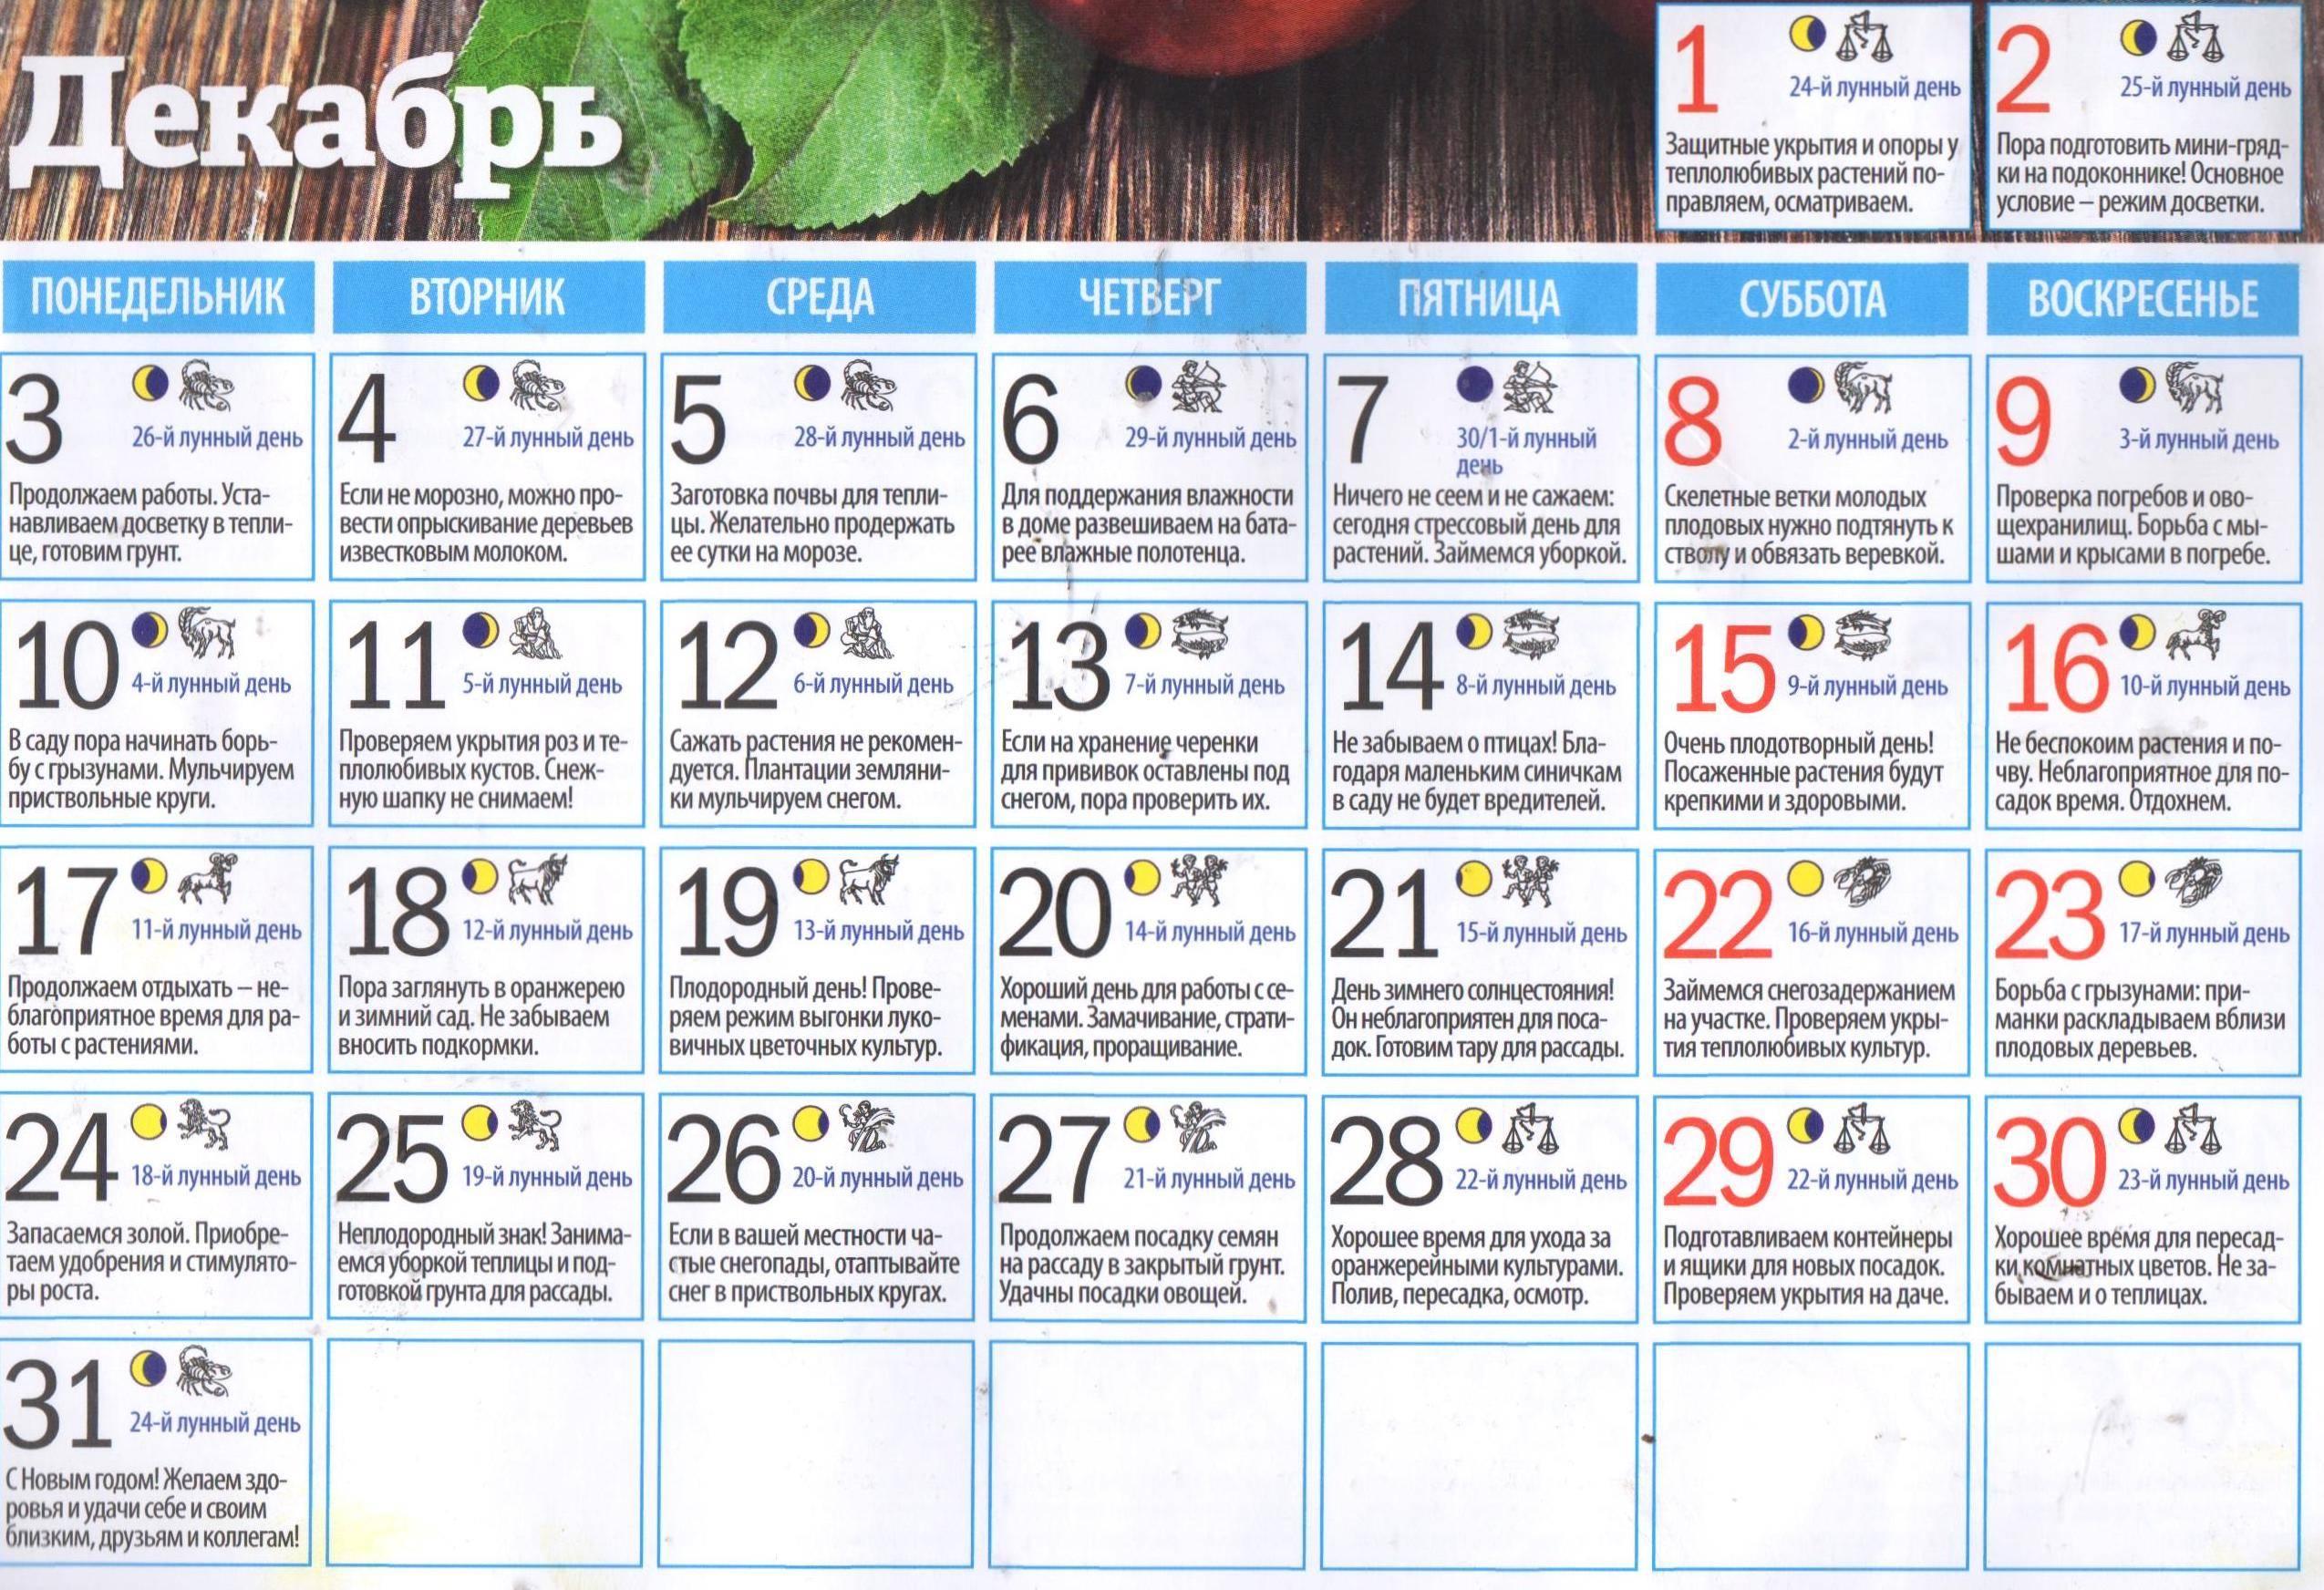 Дни лунного календаря благоприятные для отдыха